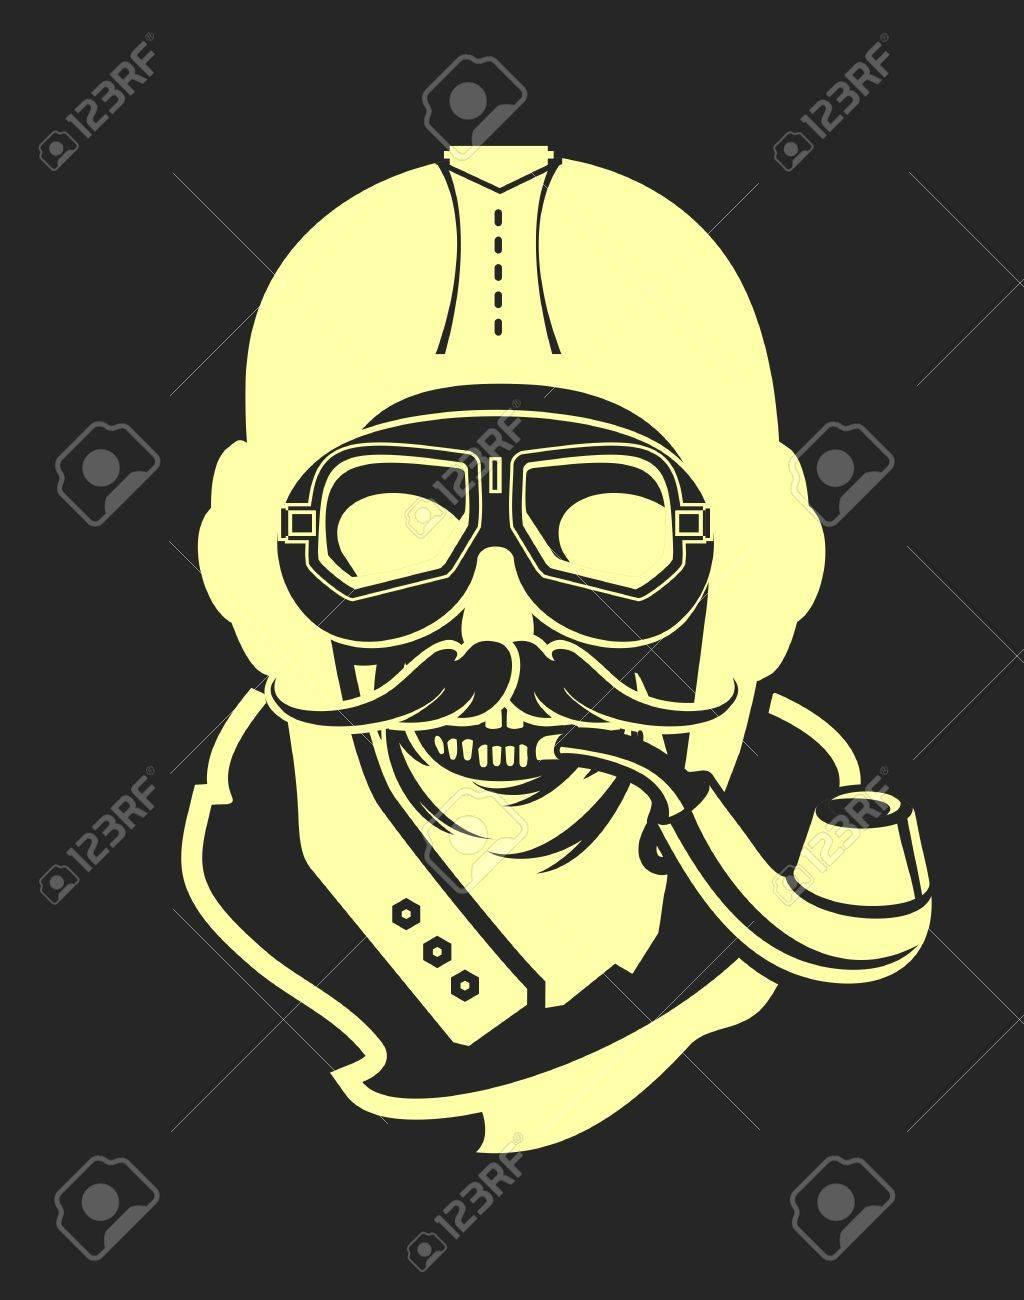 0c0e837c89 Dead pilot vector image of skull in helmet poster black and white Stock  Vector - 58600385